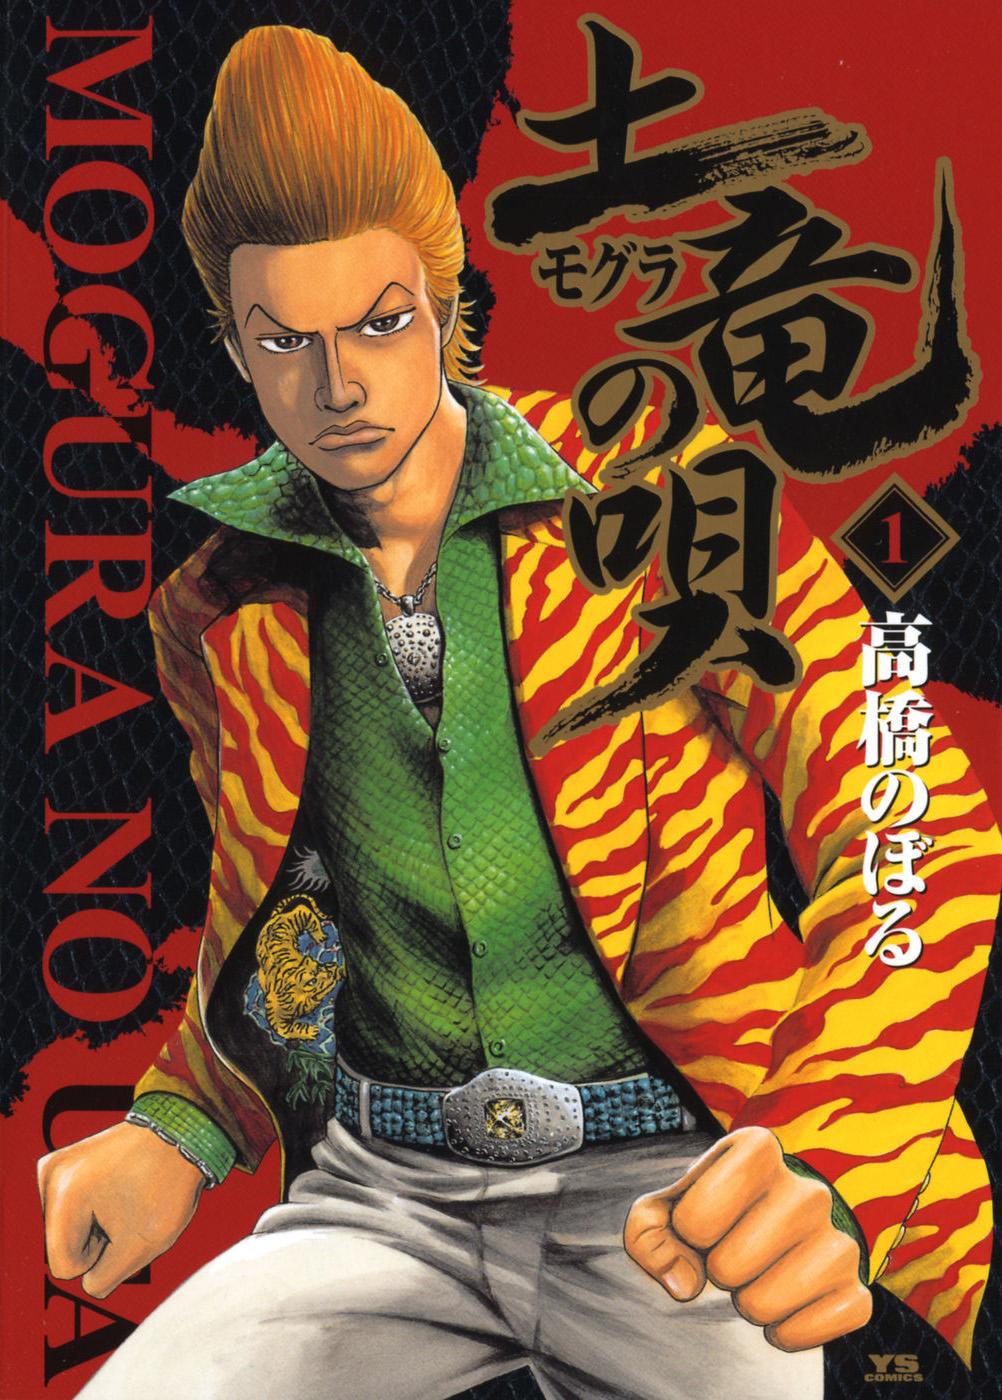 Daftar Pemenang Shogakukan Manga Award Kategori Umum Tahun 2011-2020 4